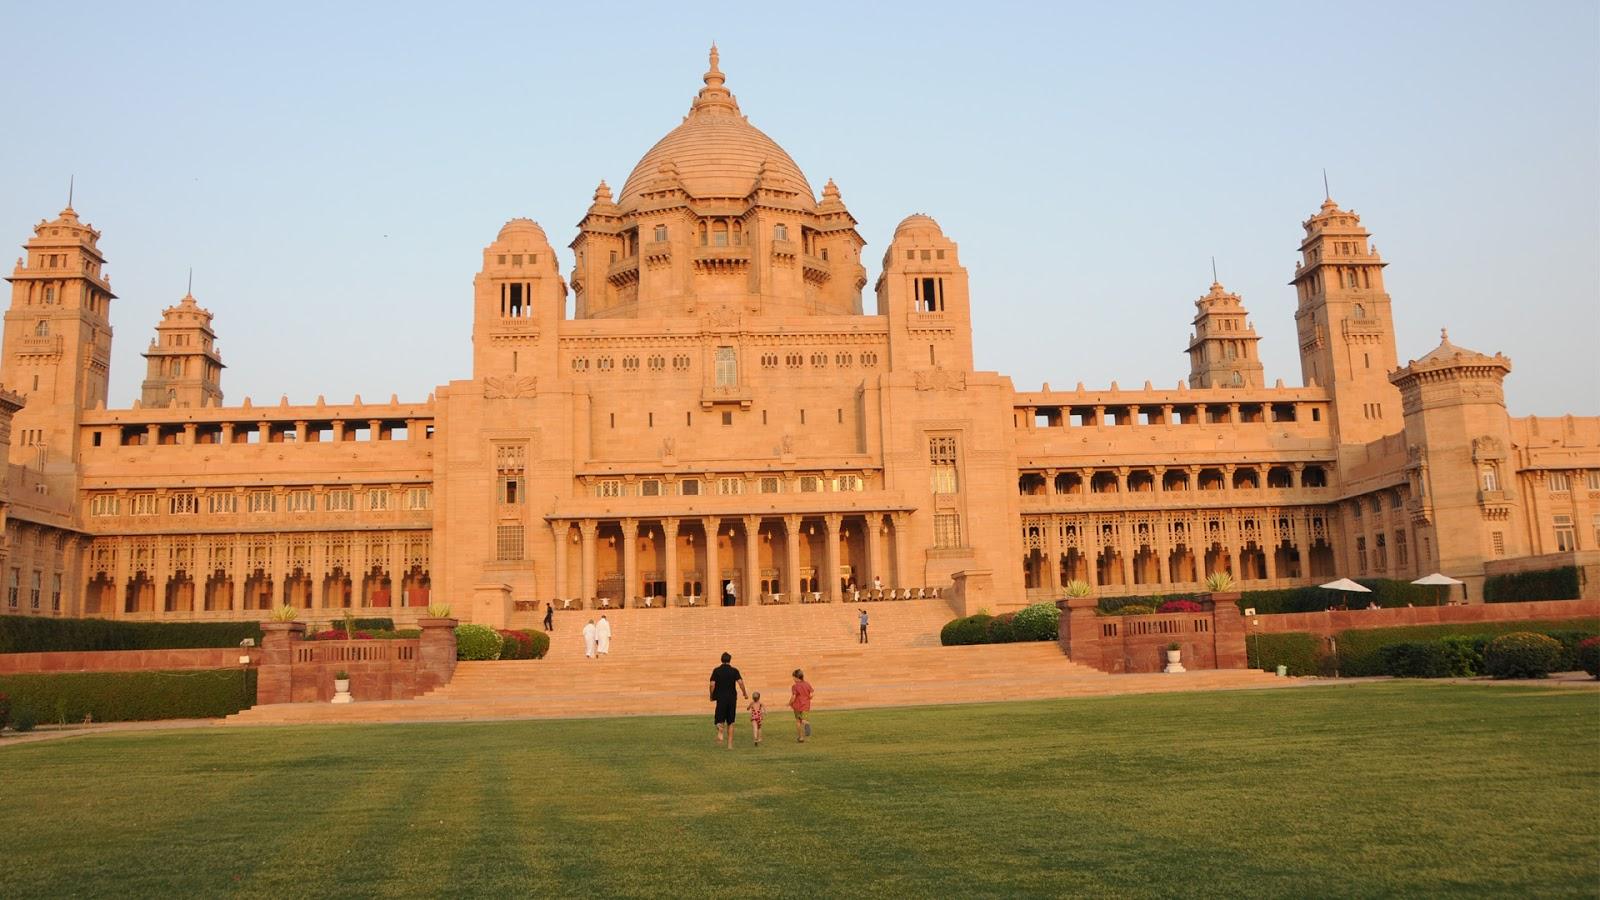 Jaipur Full Hd Wallpapers 1080p